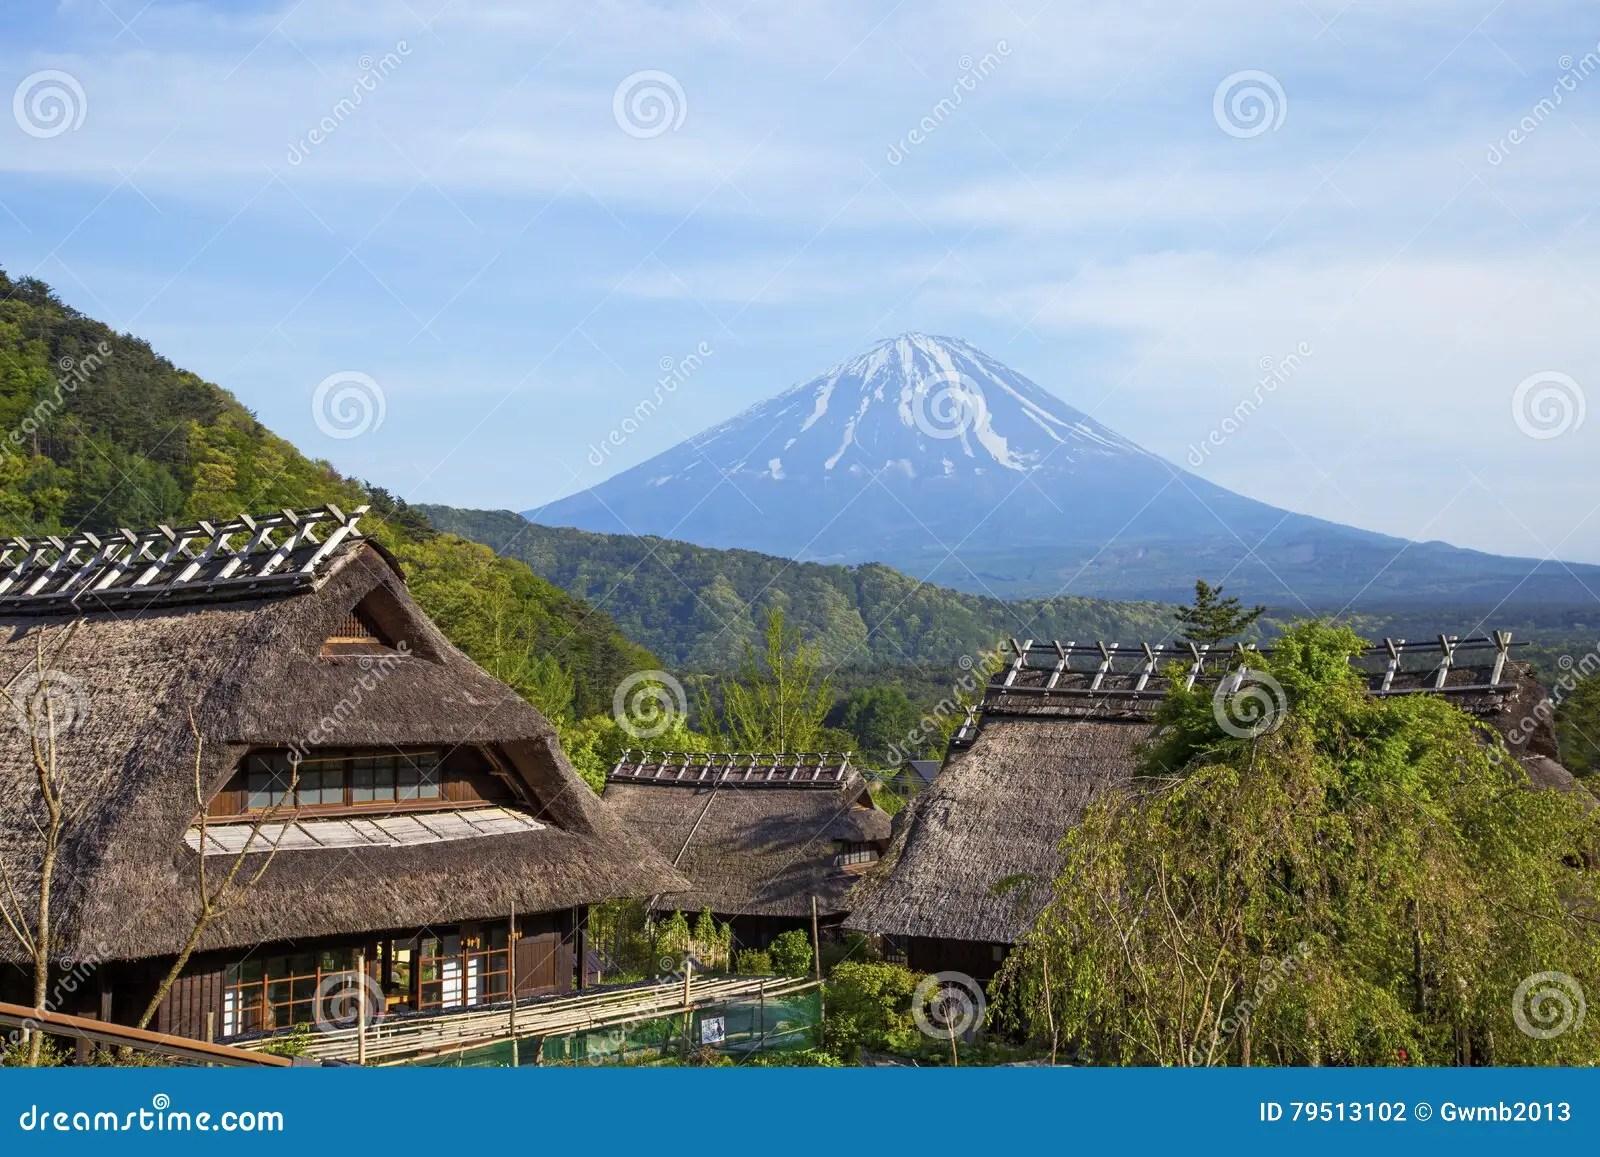 Alte Traditionelle Japanische Häuser Stockfoto - Bild von berge